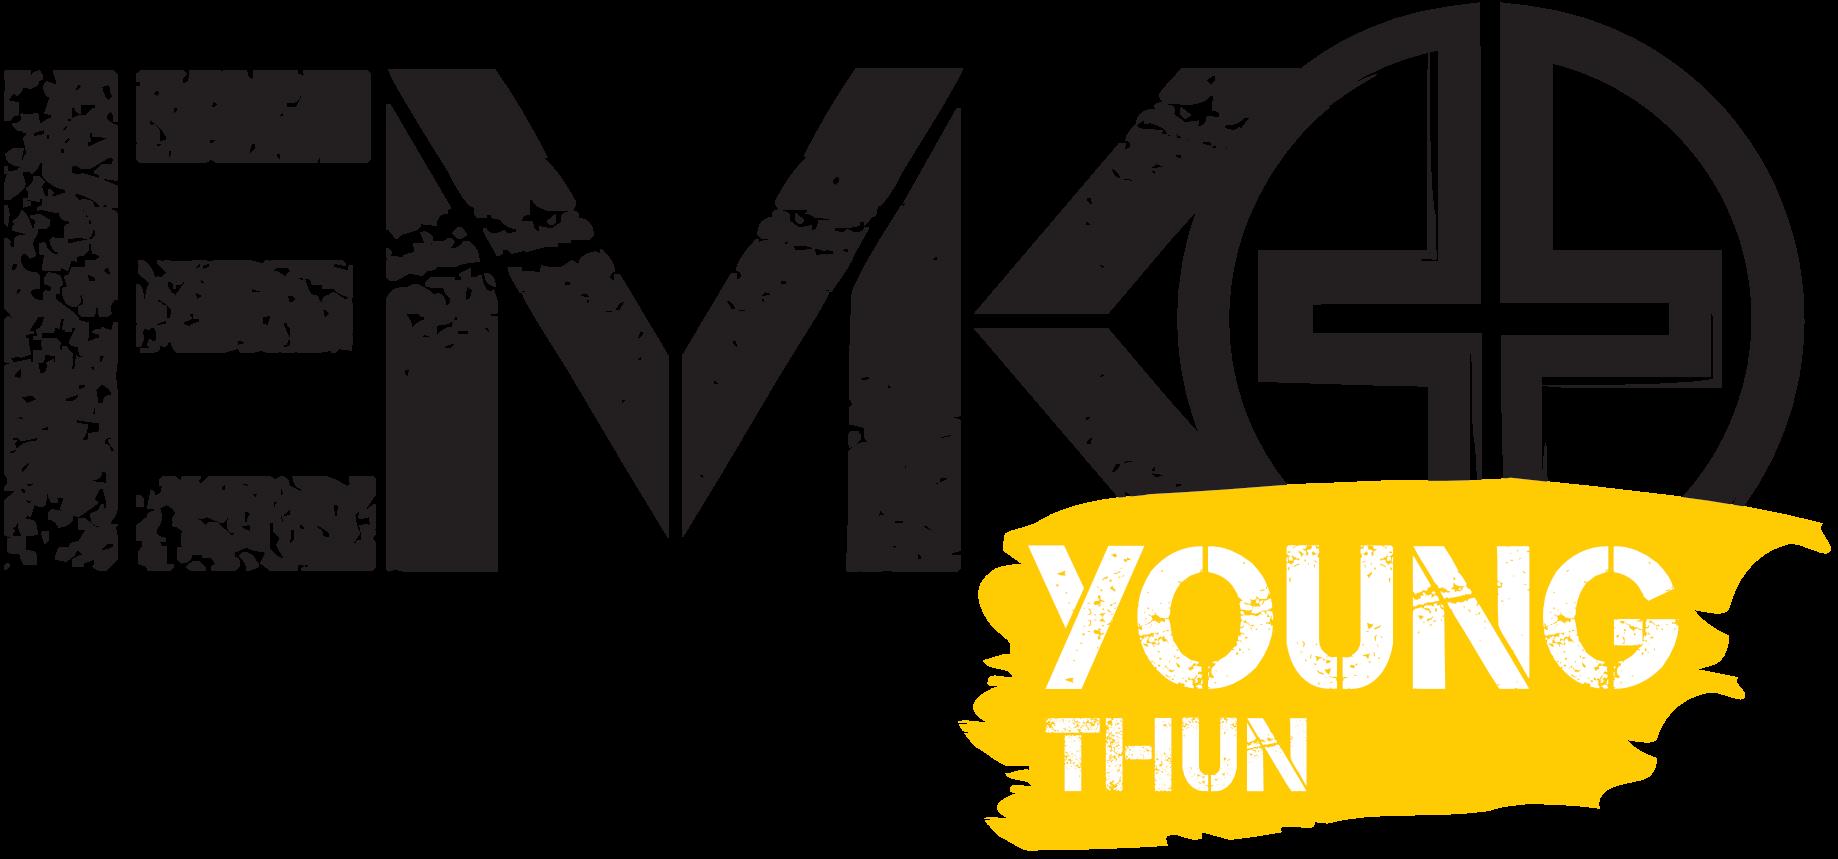 EMK-young-thun-logo